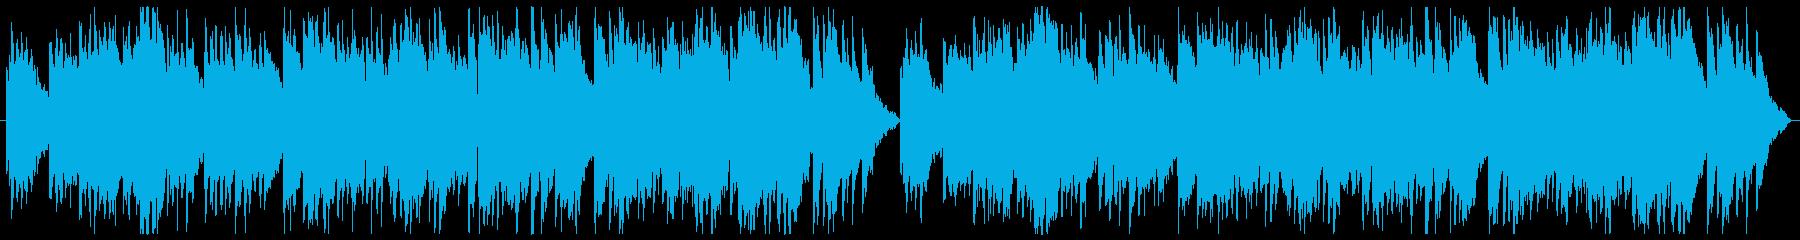 ふんわりとしたやさしいBGMの再生済みの波形